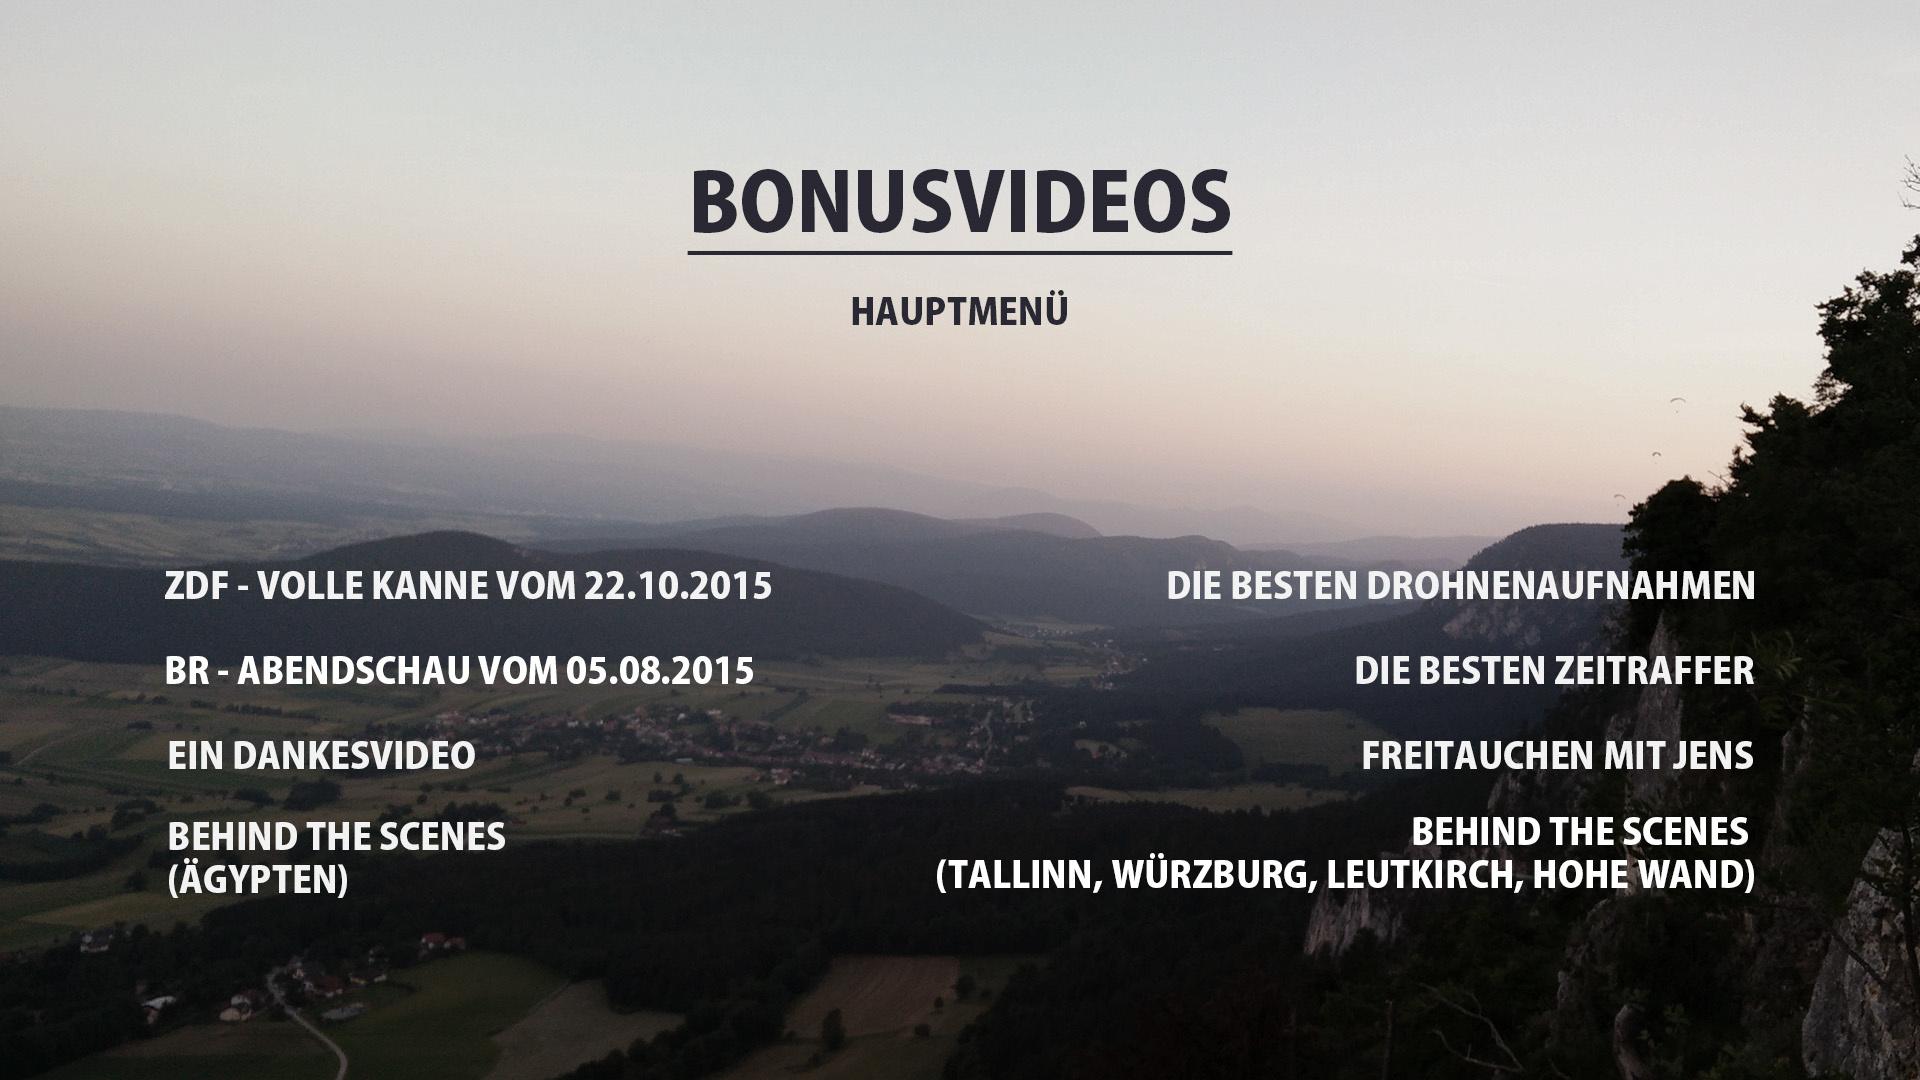 Bonusvideos_0001.jpg